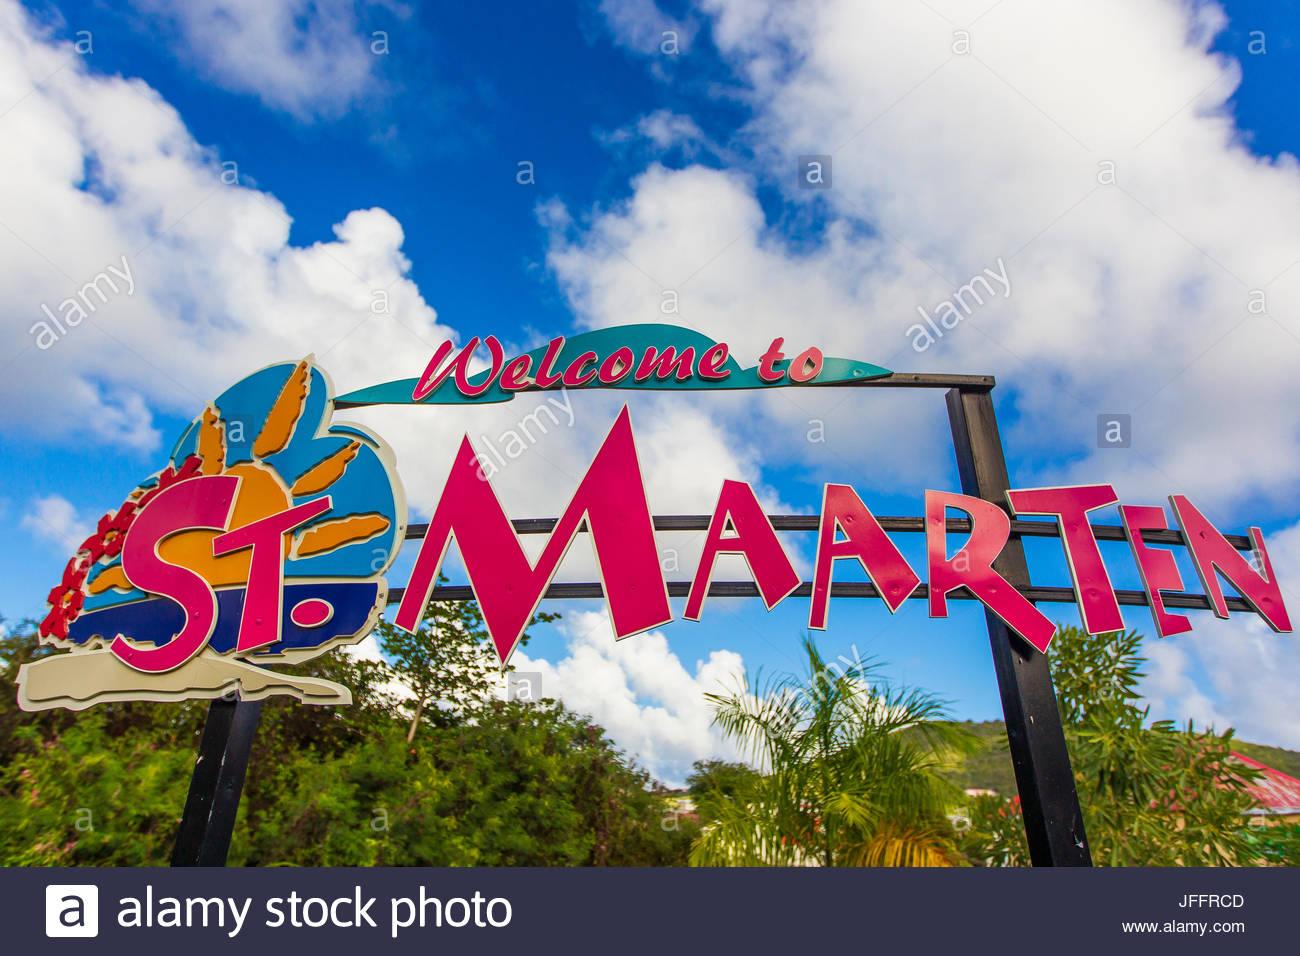 Un signe coloré accueille les visiteurs à l'île Saint Martin tropical. Photo Stock